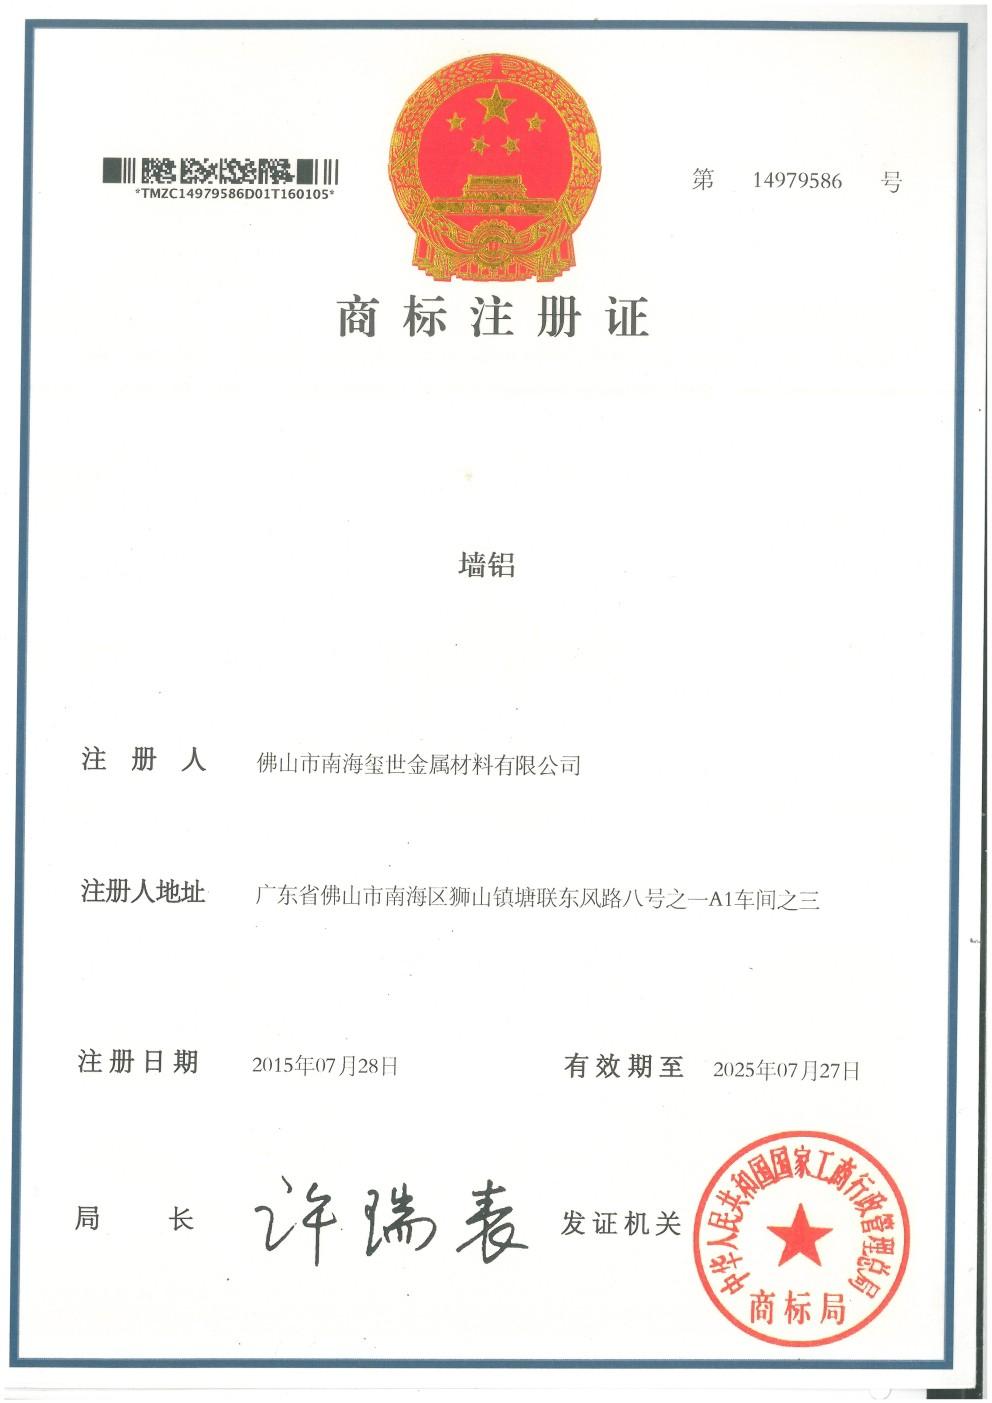 墙铝商标注册证书